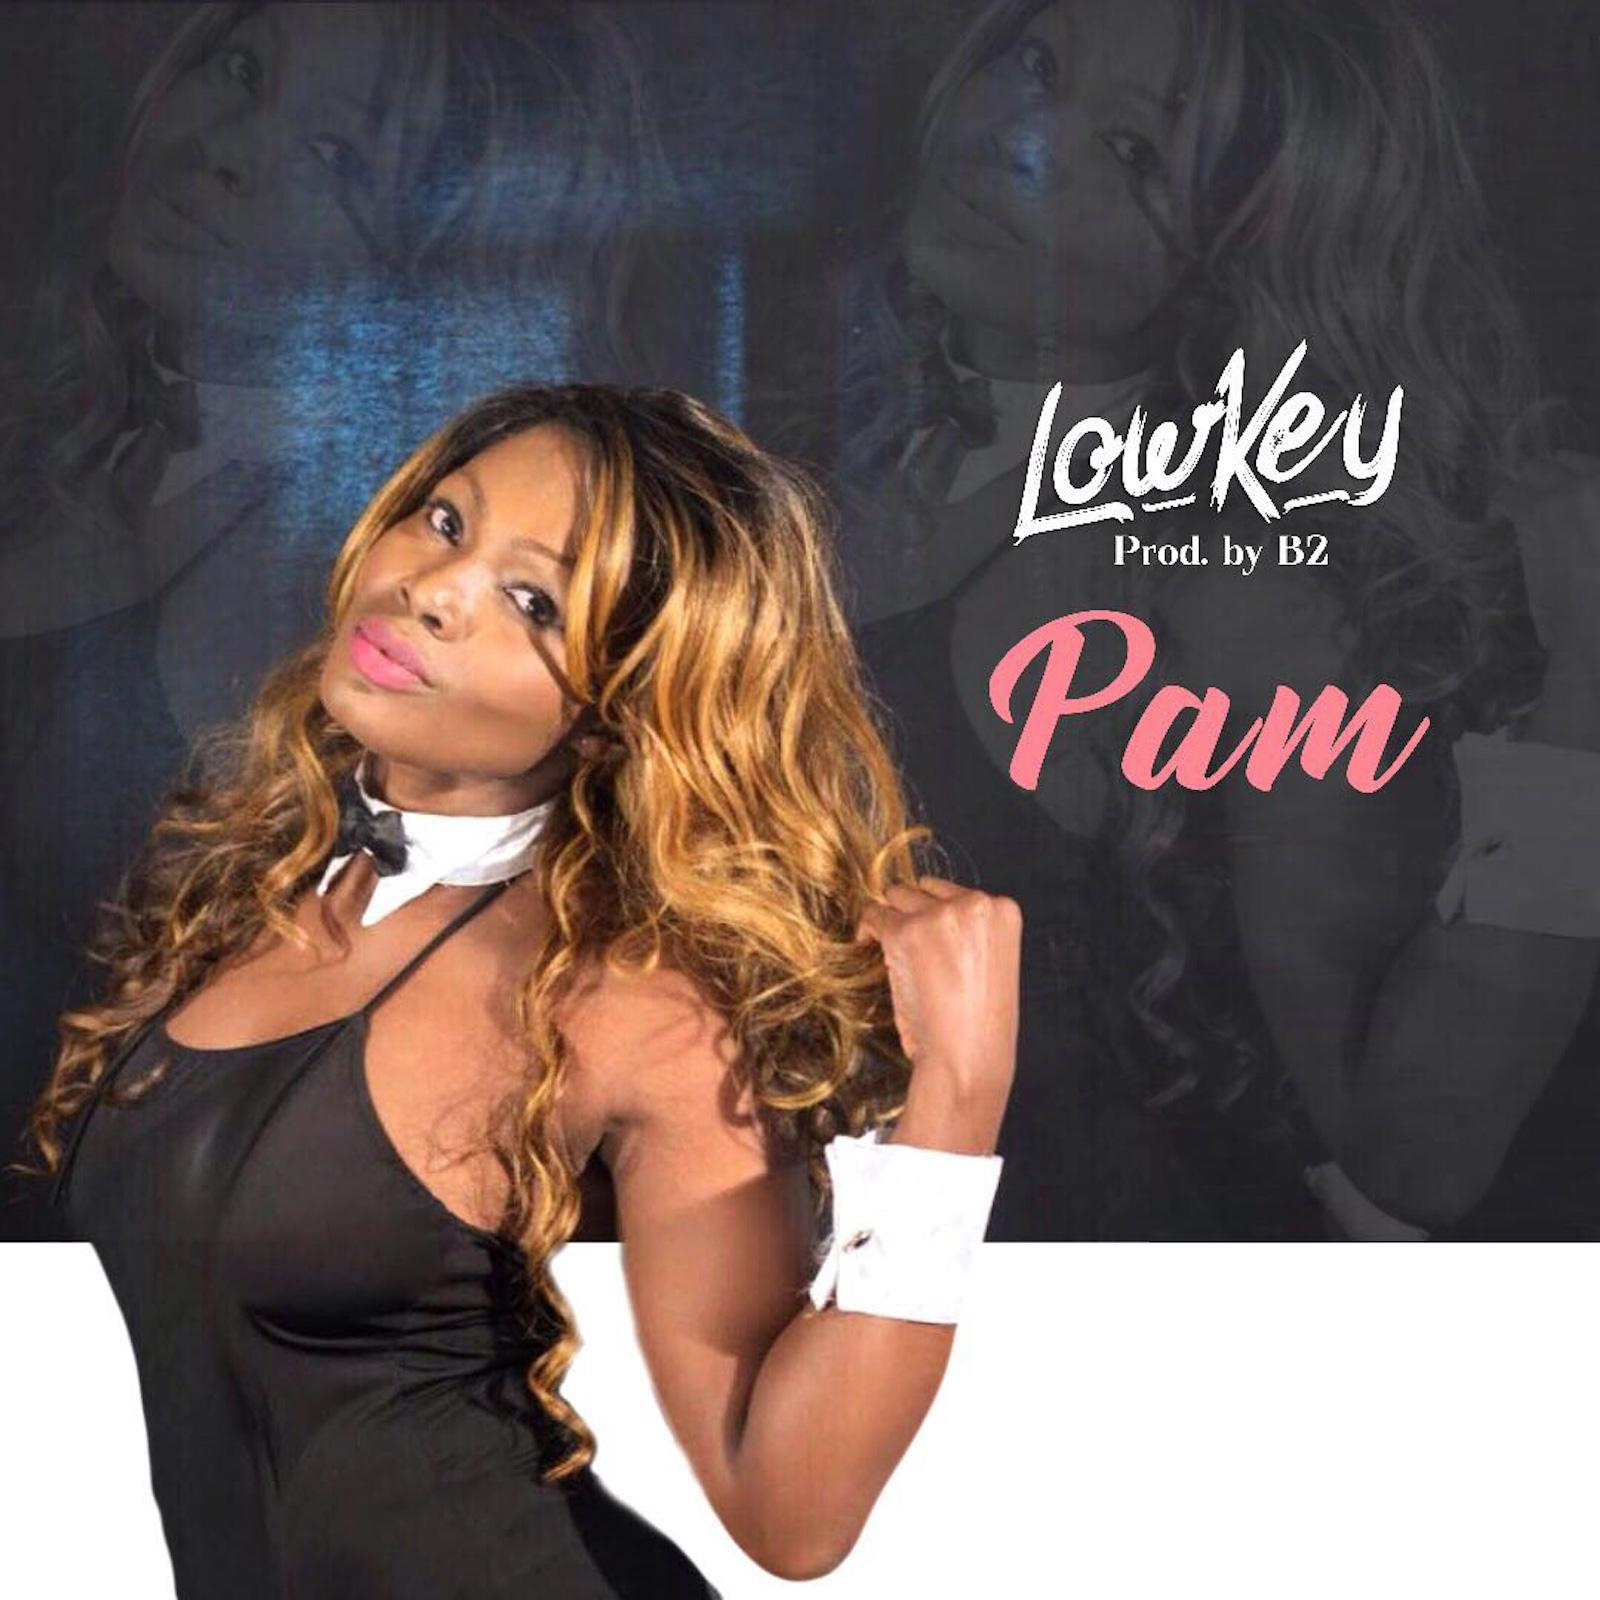 Lowkey by Pam